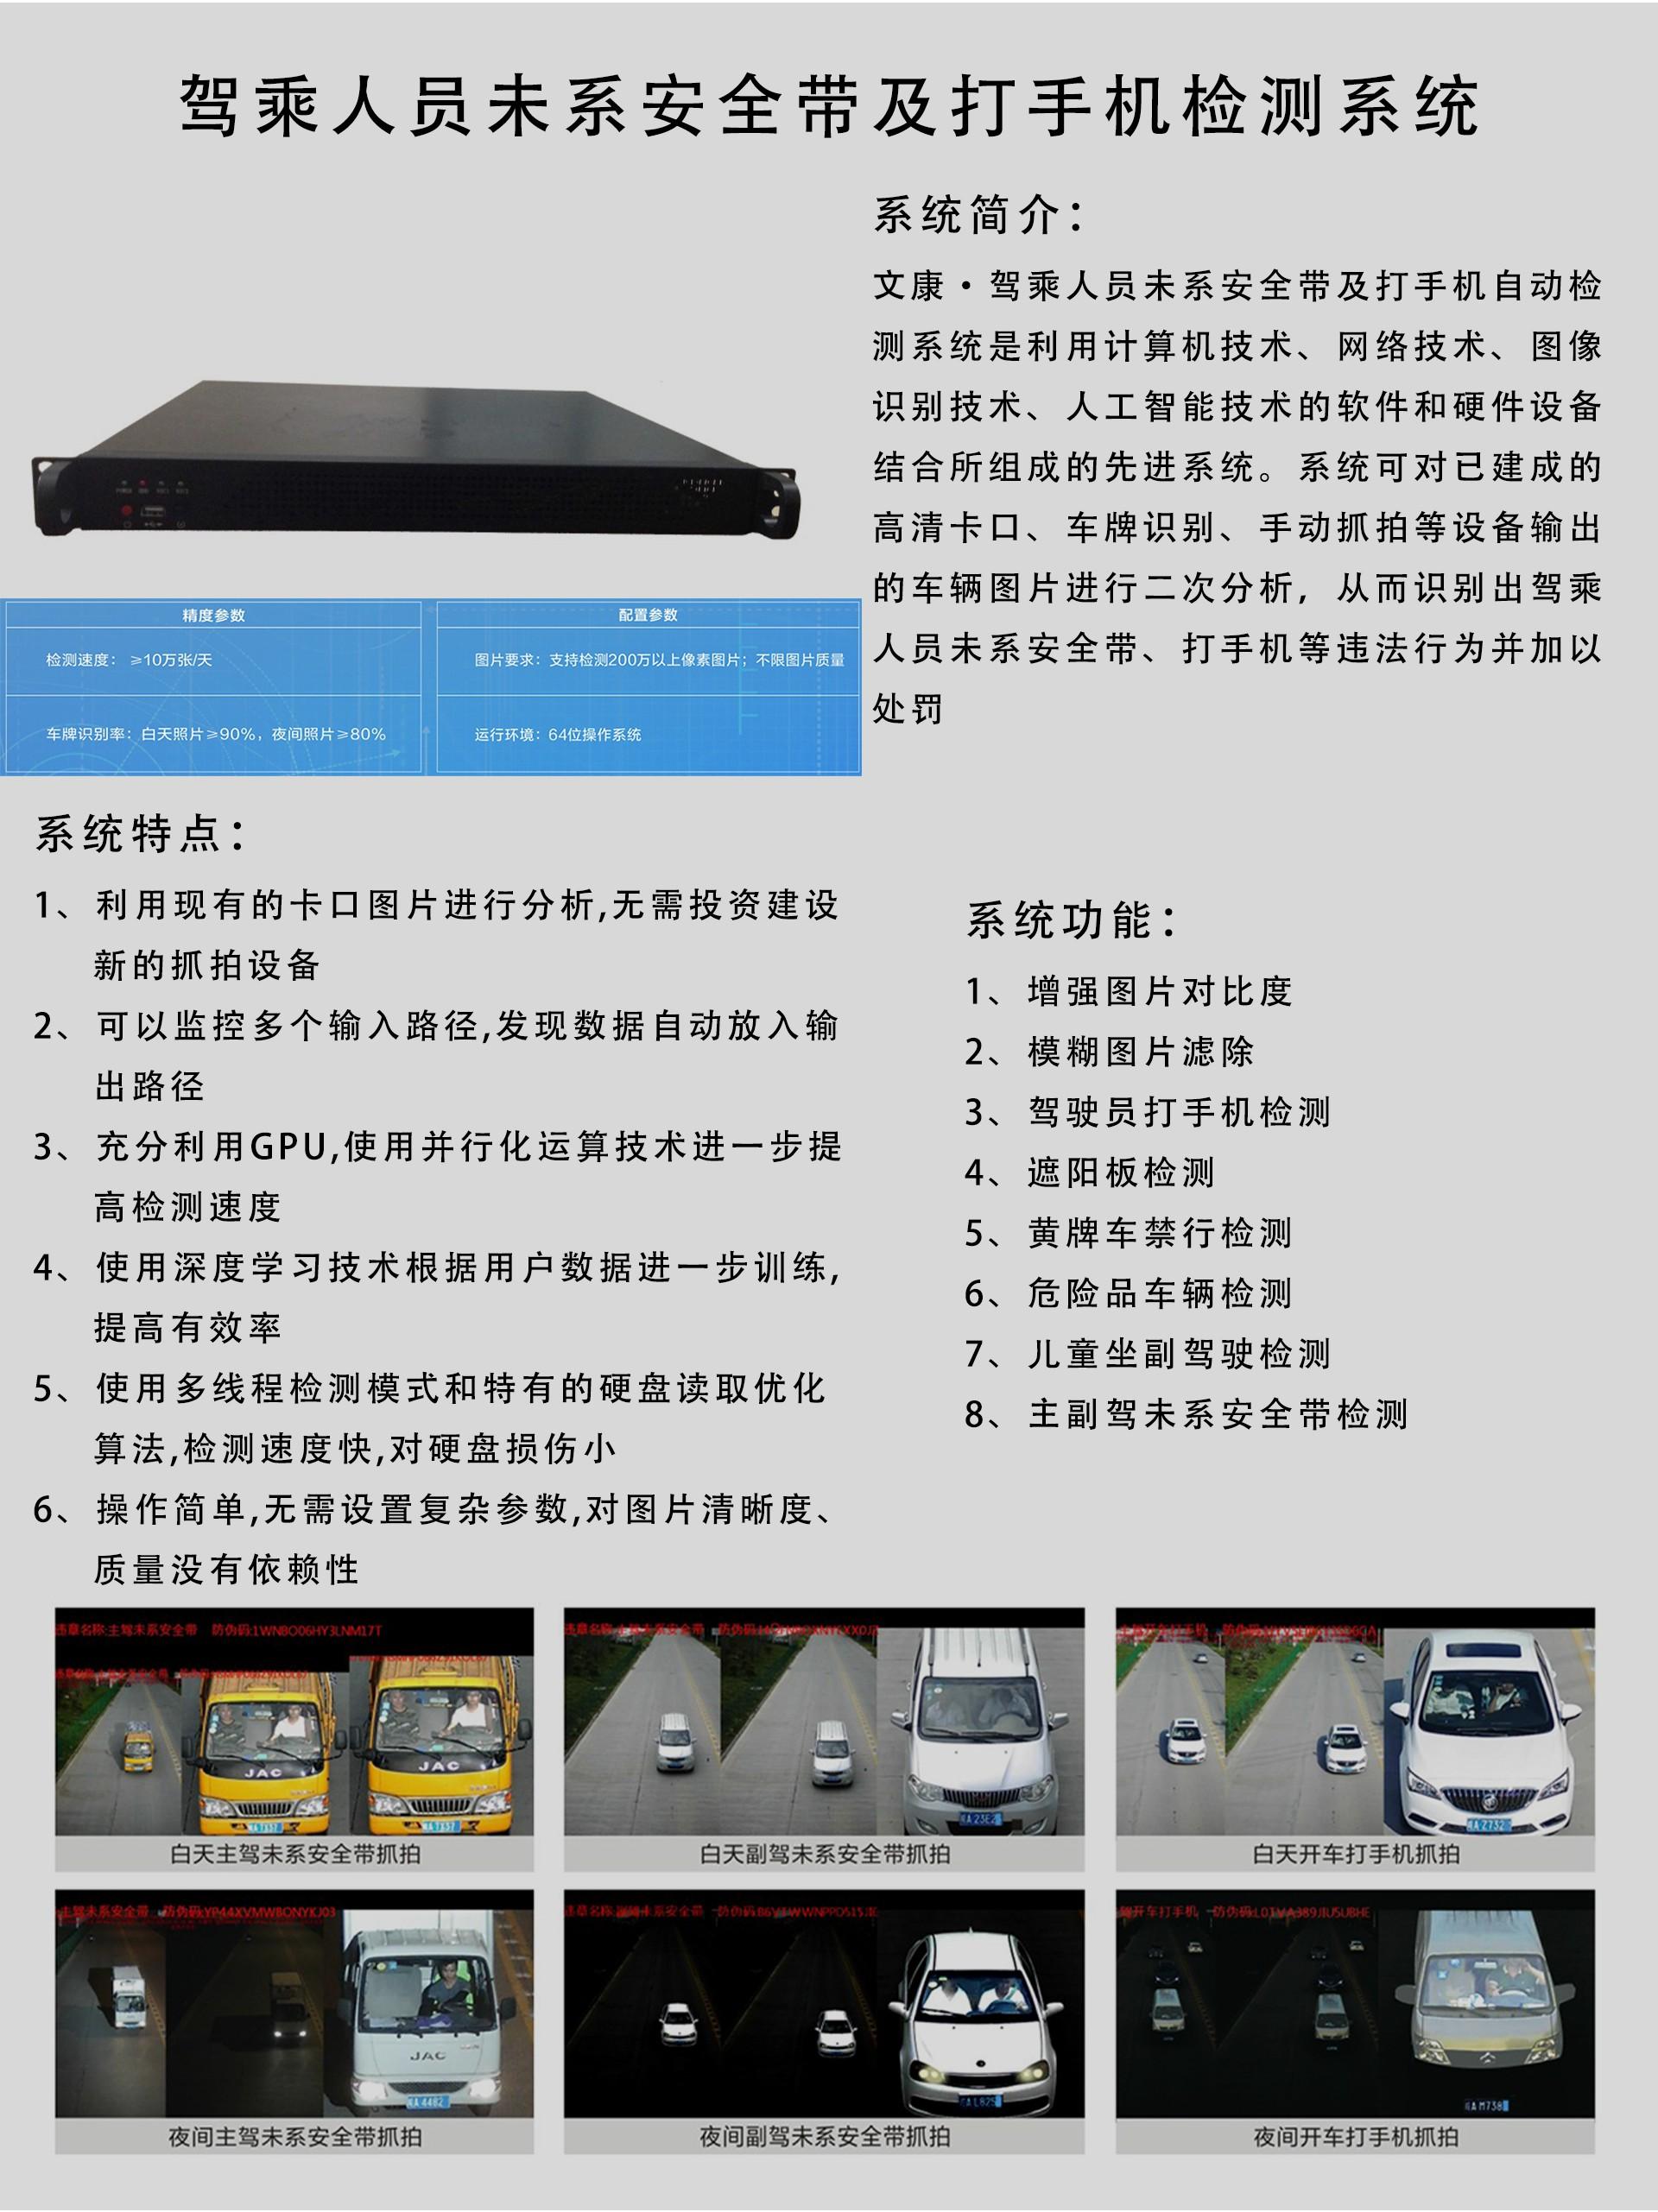 2020.11.02_详情页_保安全系列_14.jpg